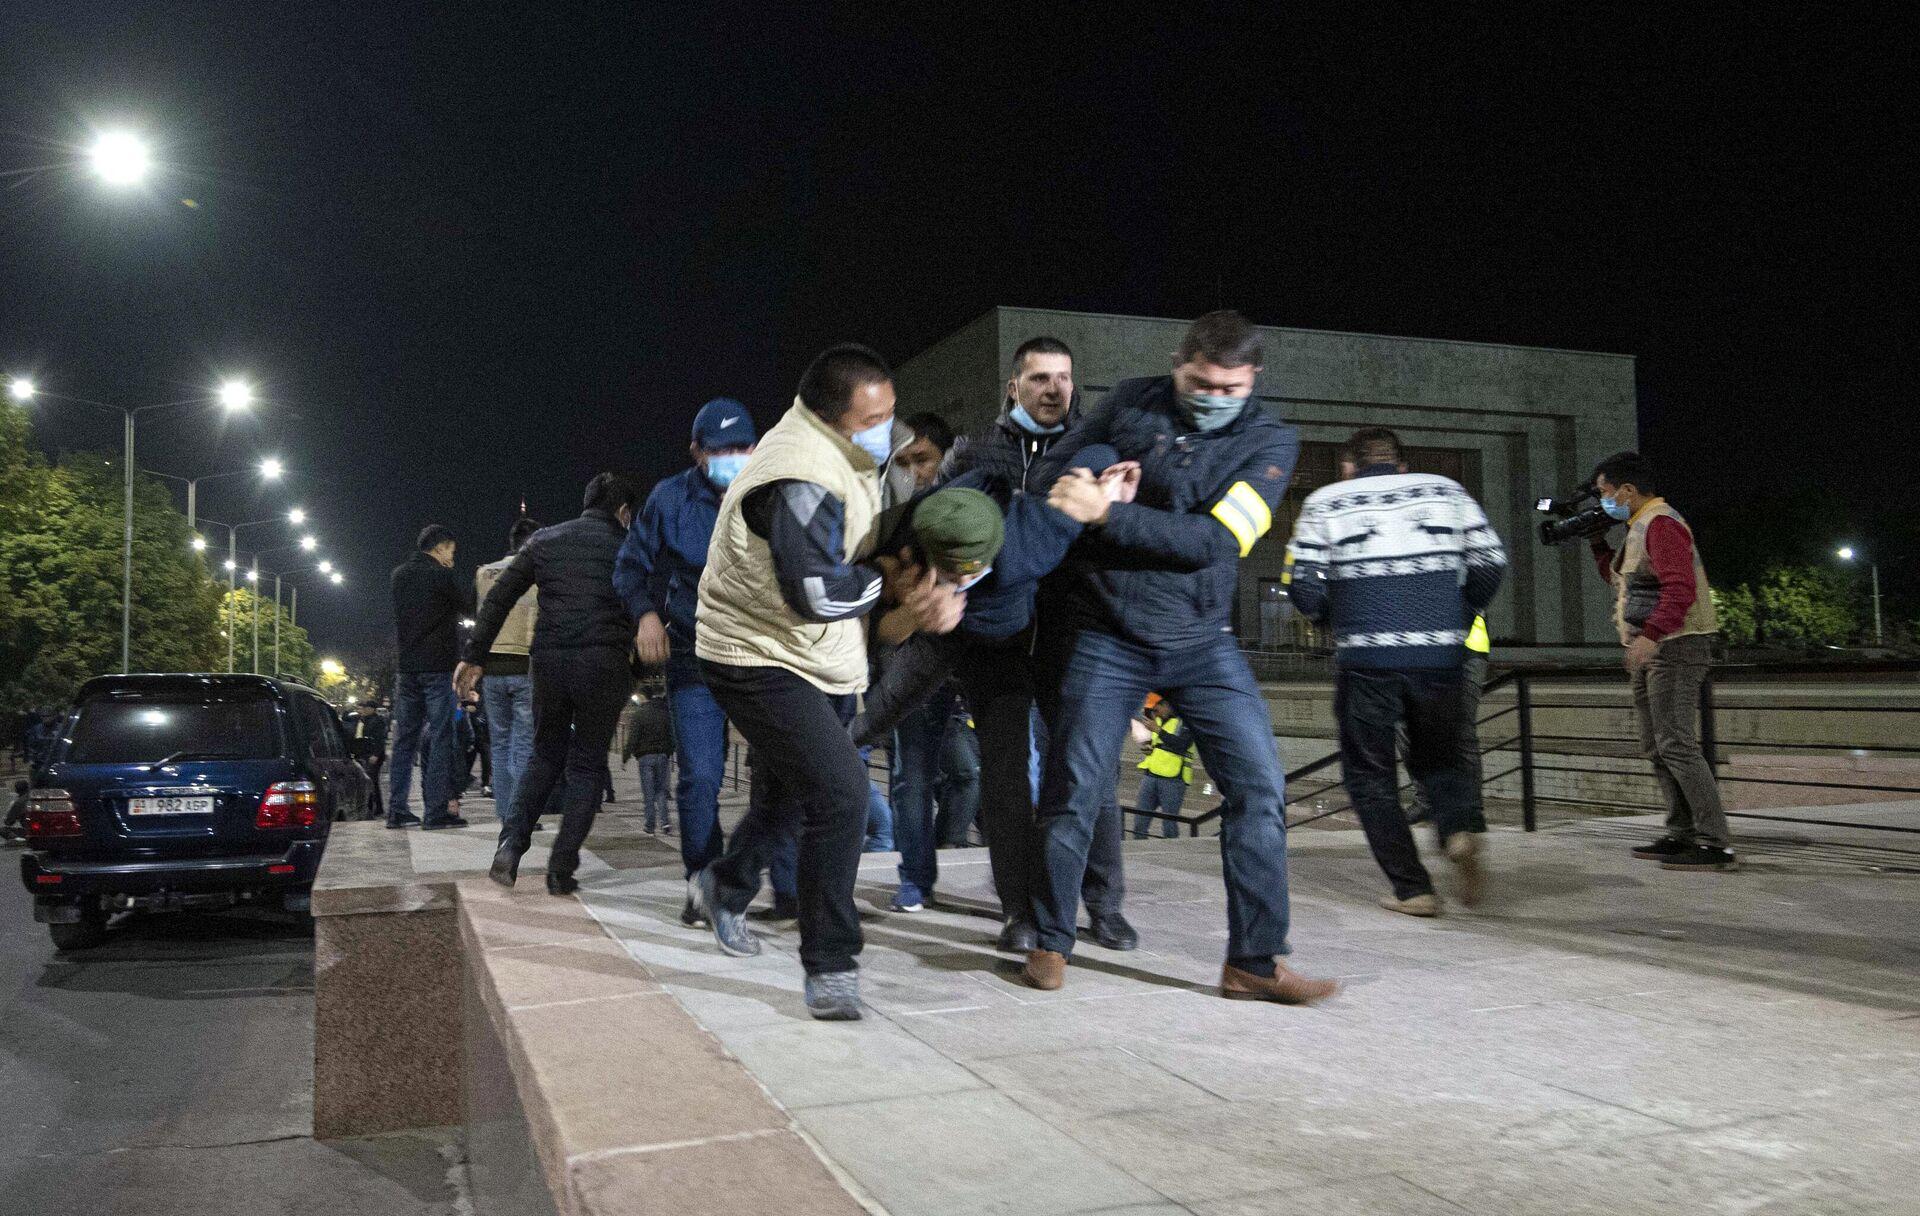 Сотрудники правоохранительных органов задерживают участников акции протеста в Бишкеке. Протестующие требуют аннулировать итоги парламентских выборов - РИА Новости, 1920, 06.10.2020